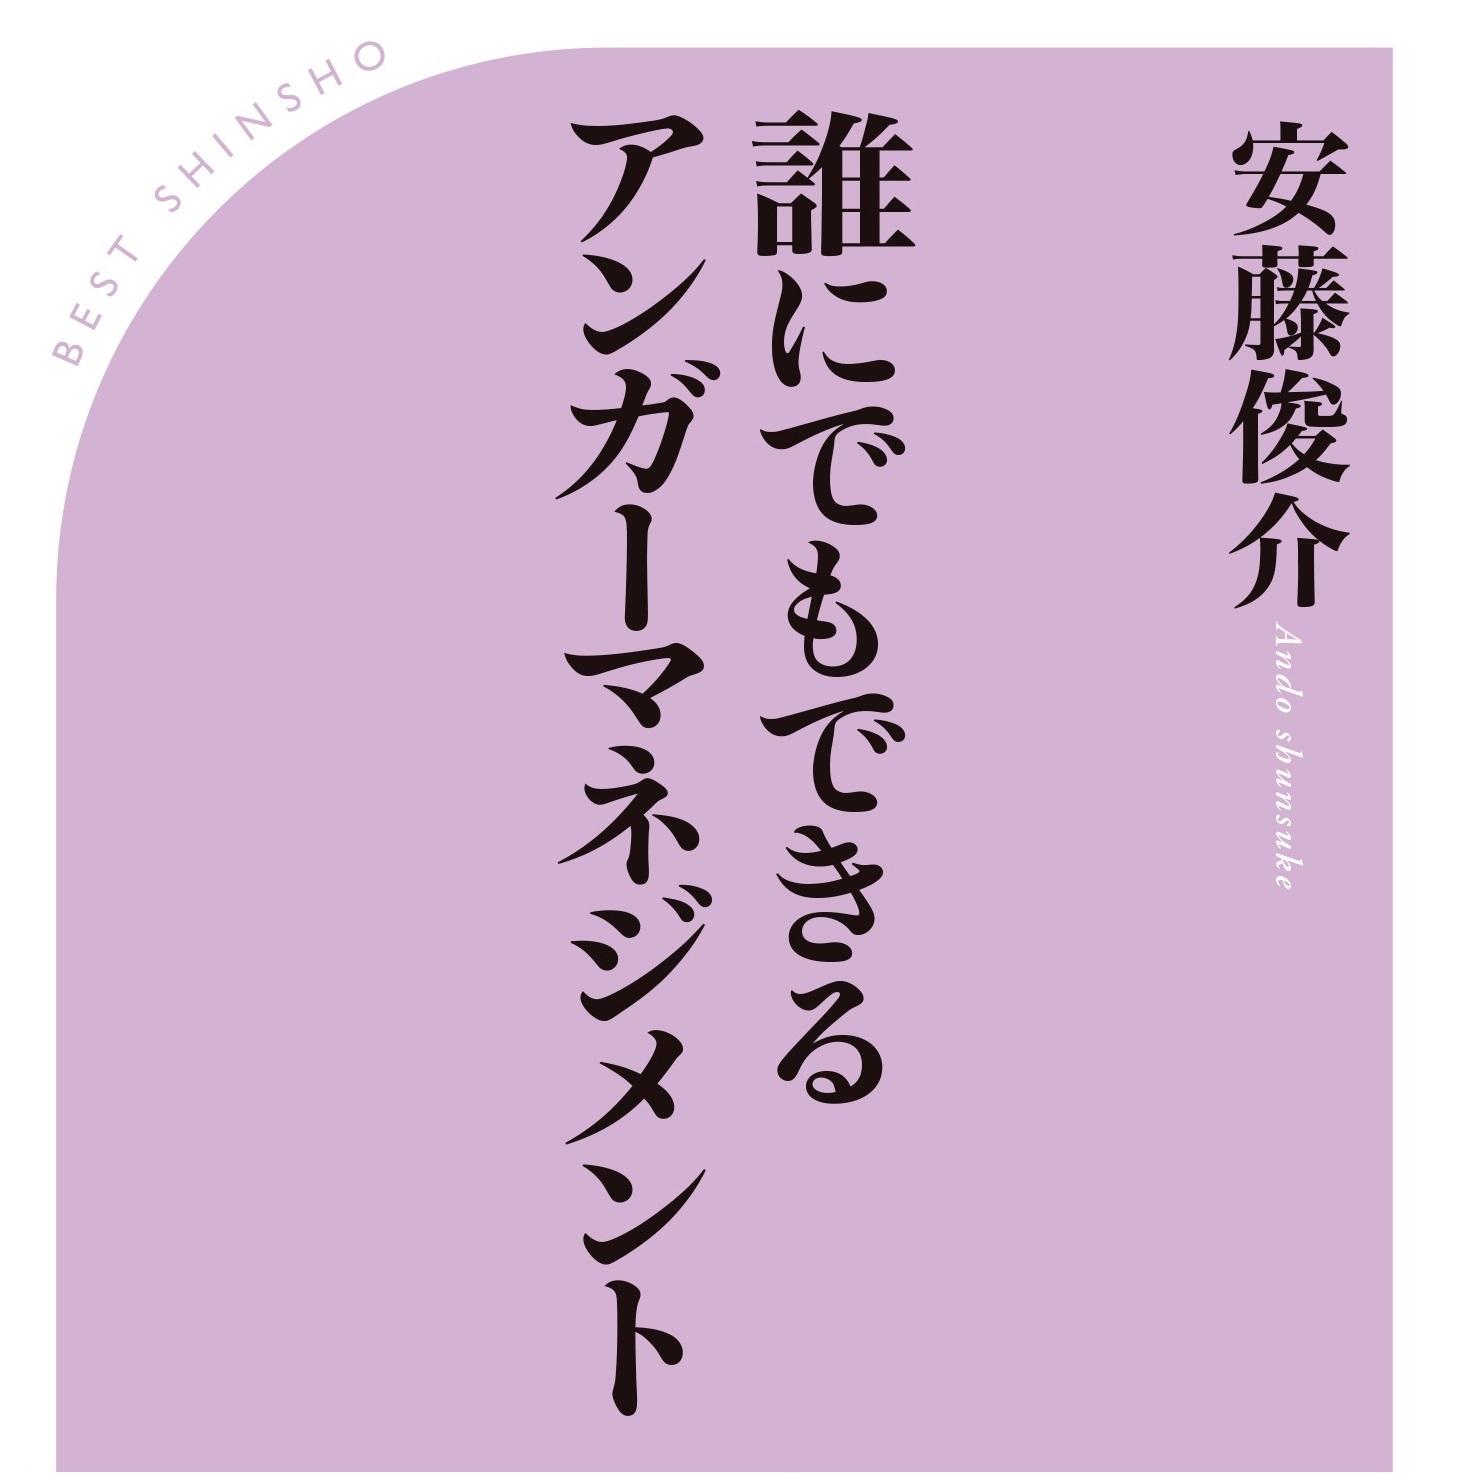 ベスト新書 新刊案内<br />『誰にでもできるアンガーマネジメント』<br />好評発売中!<br />